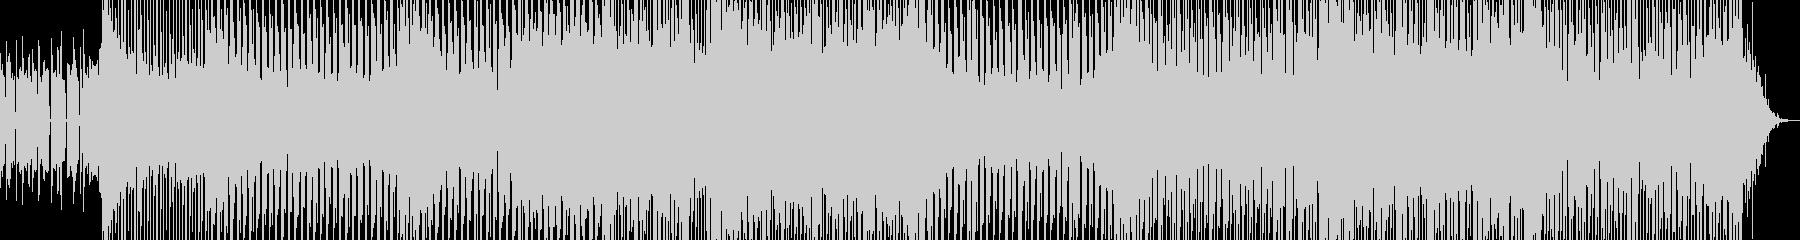 ノリノリのテクノダンス曲の未再生の波形